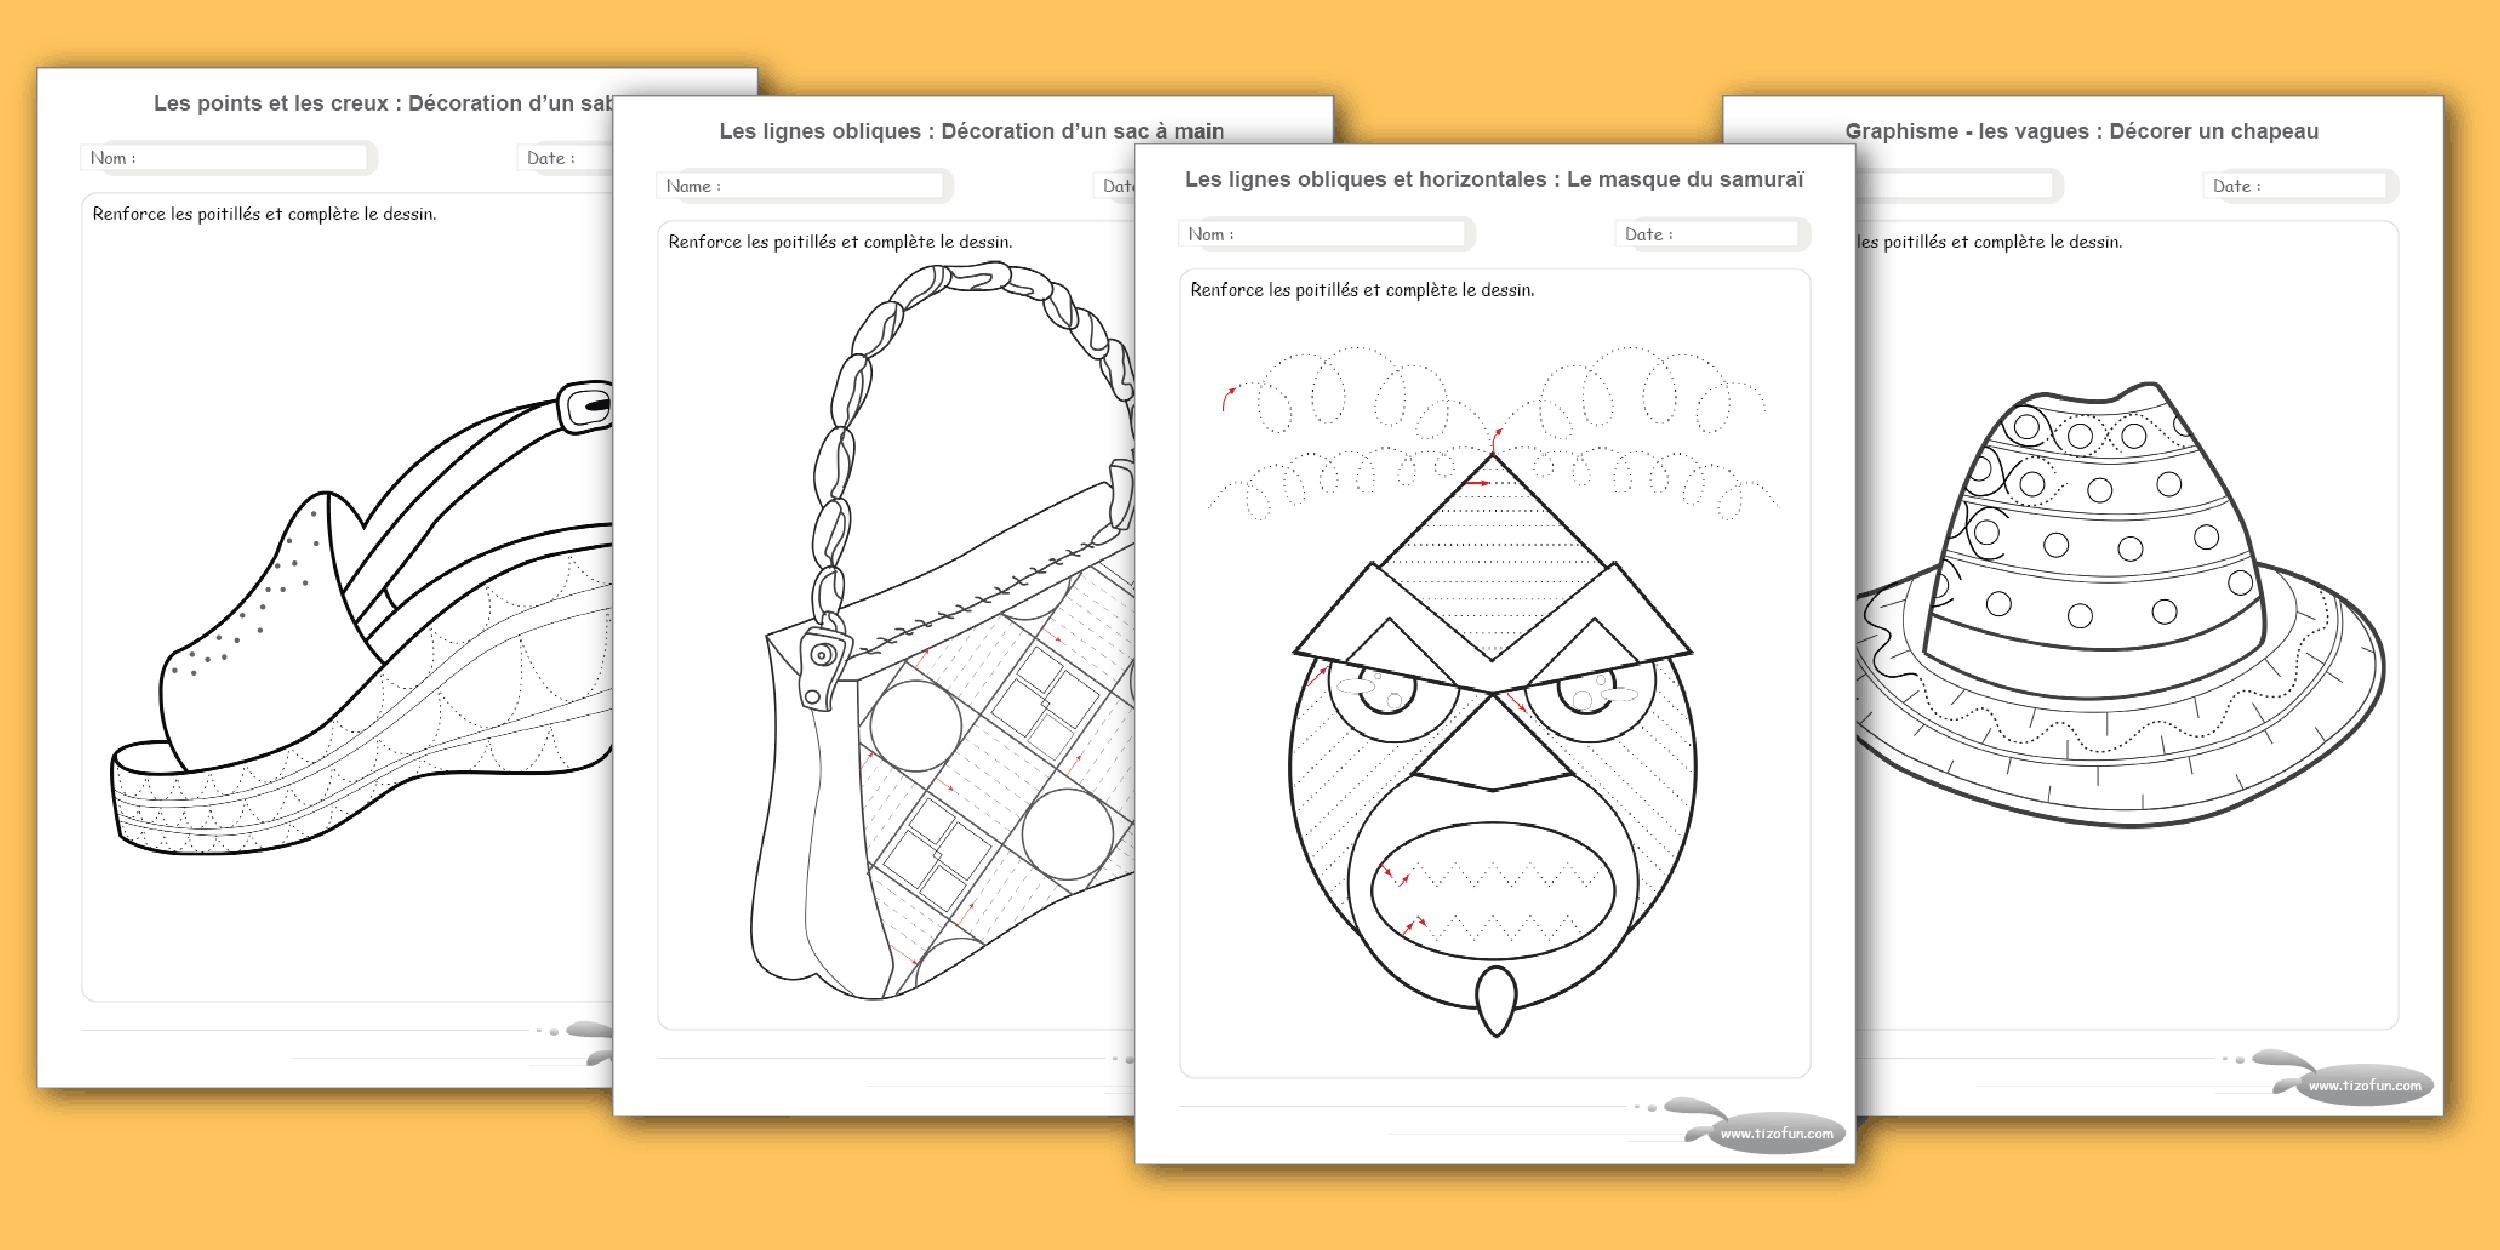 Exercices Maternelle Motricité Fine Par Le Dessin A Imprimer dedans Dessin De Vague A Imprimer